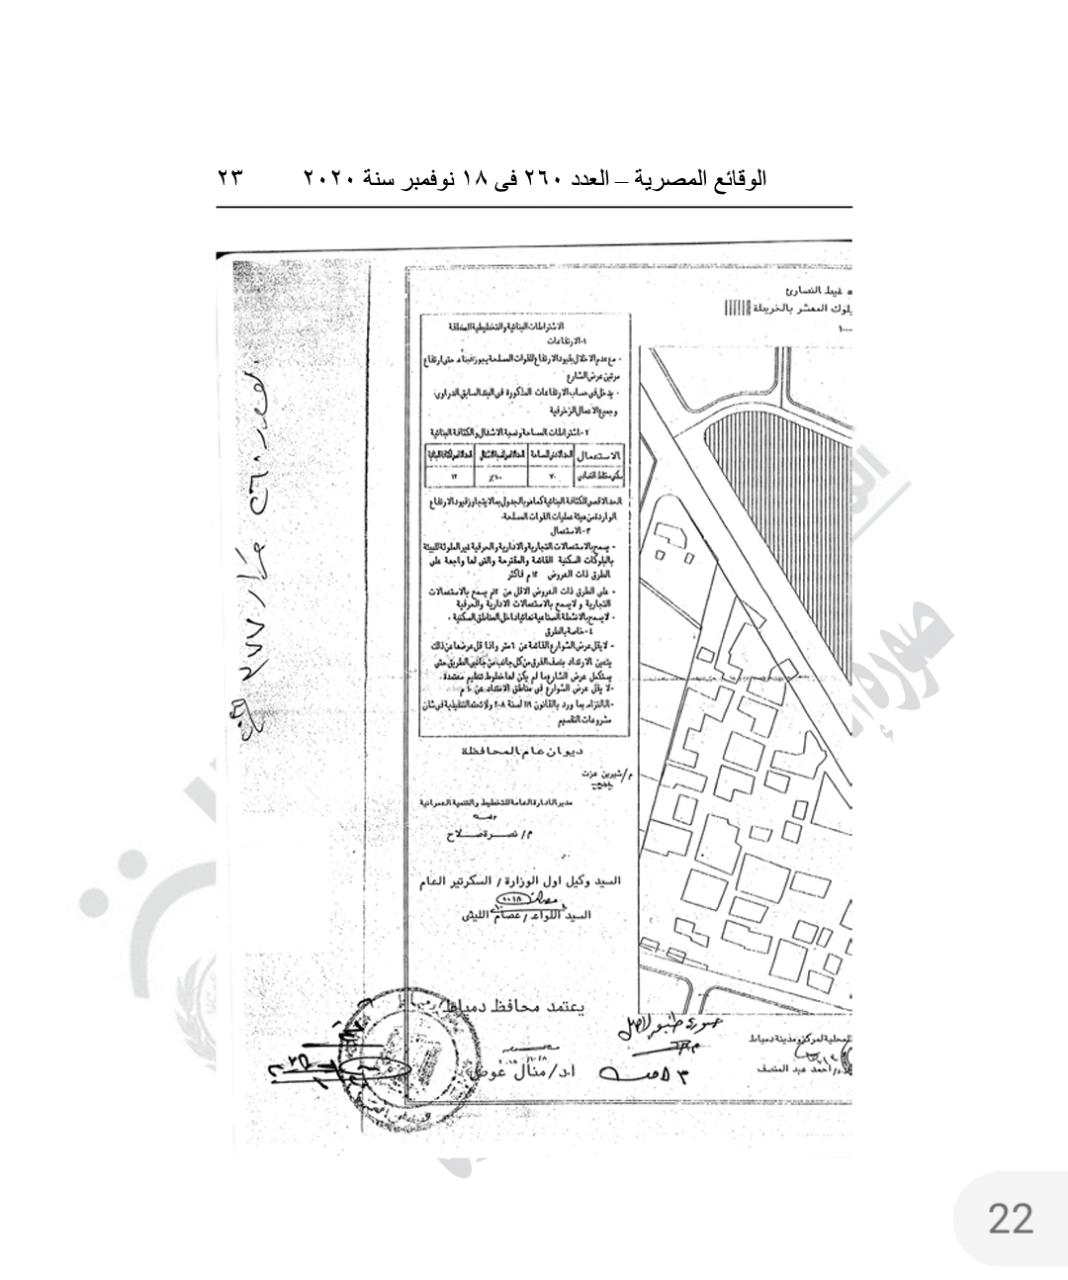 قرار محافظ دمياط للمخطط التفصيلى للقرية